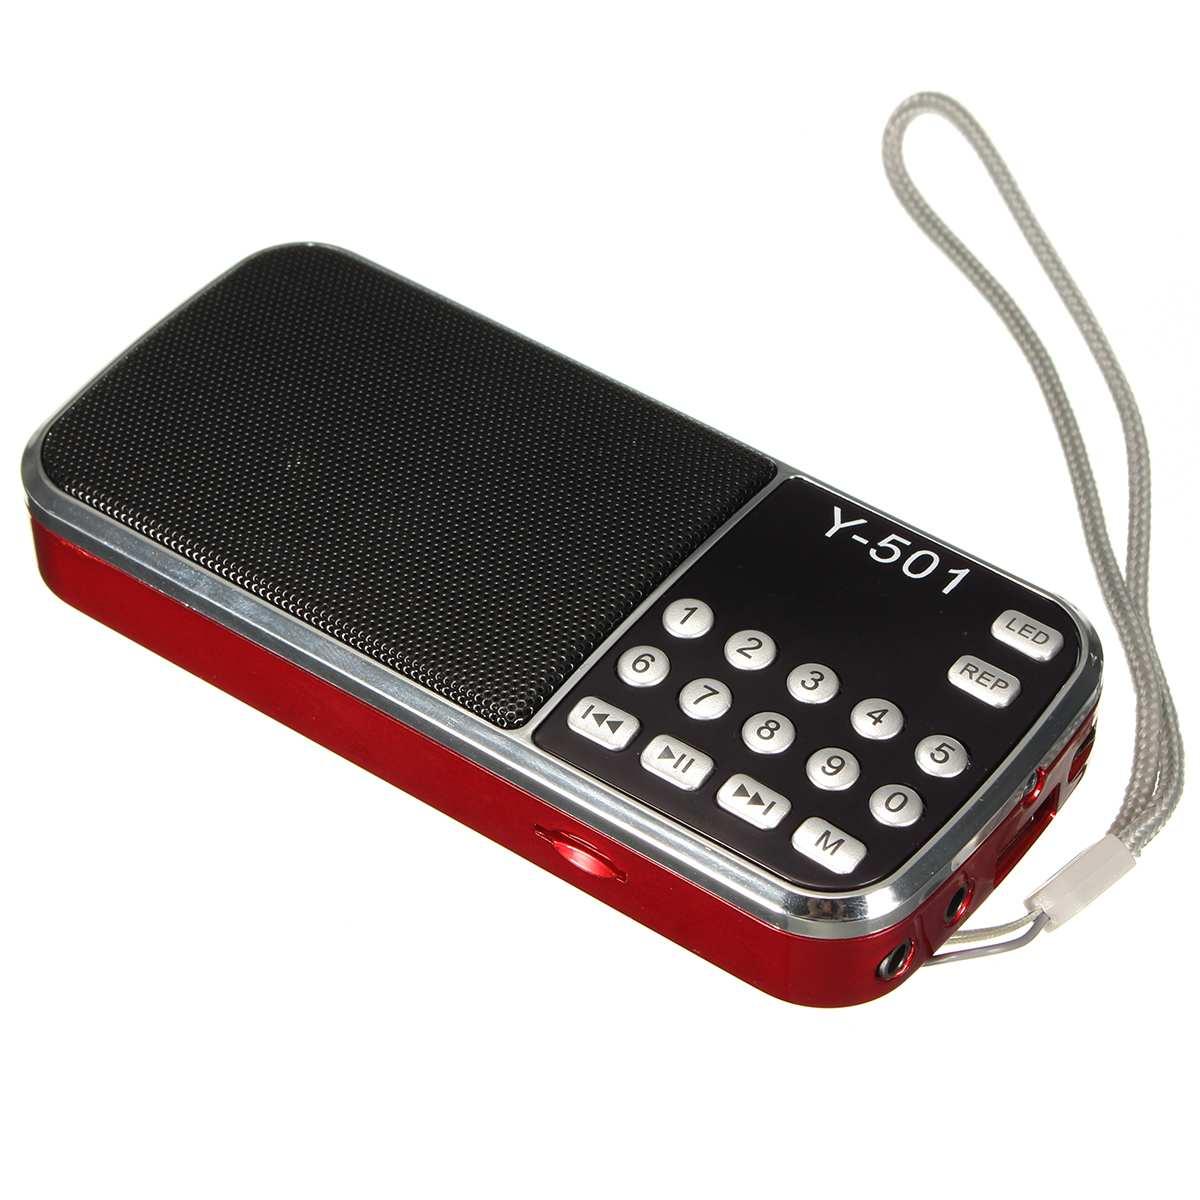 FleißIg Heißer Verkauf 3,5mm Audio Radio Mini Tragbare Lcd Digital Fm Radio Lautsprecher Usb Unterstützung Tf Karte Mp3 Musik Player Wir Haben Lob Von Kunden Gewonnen Unterhaltungselektronik